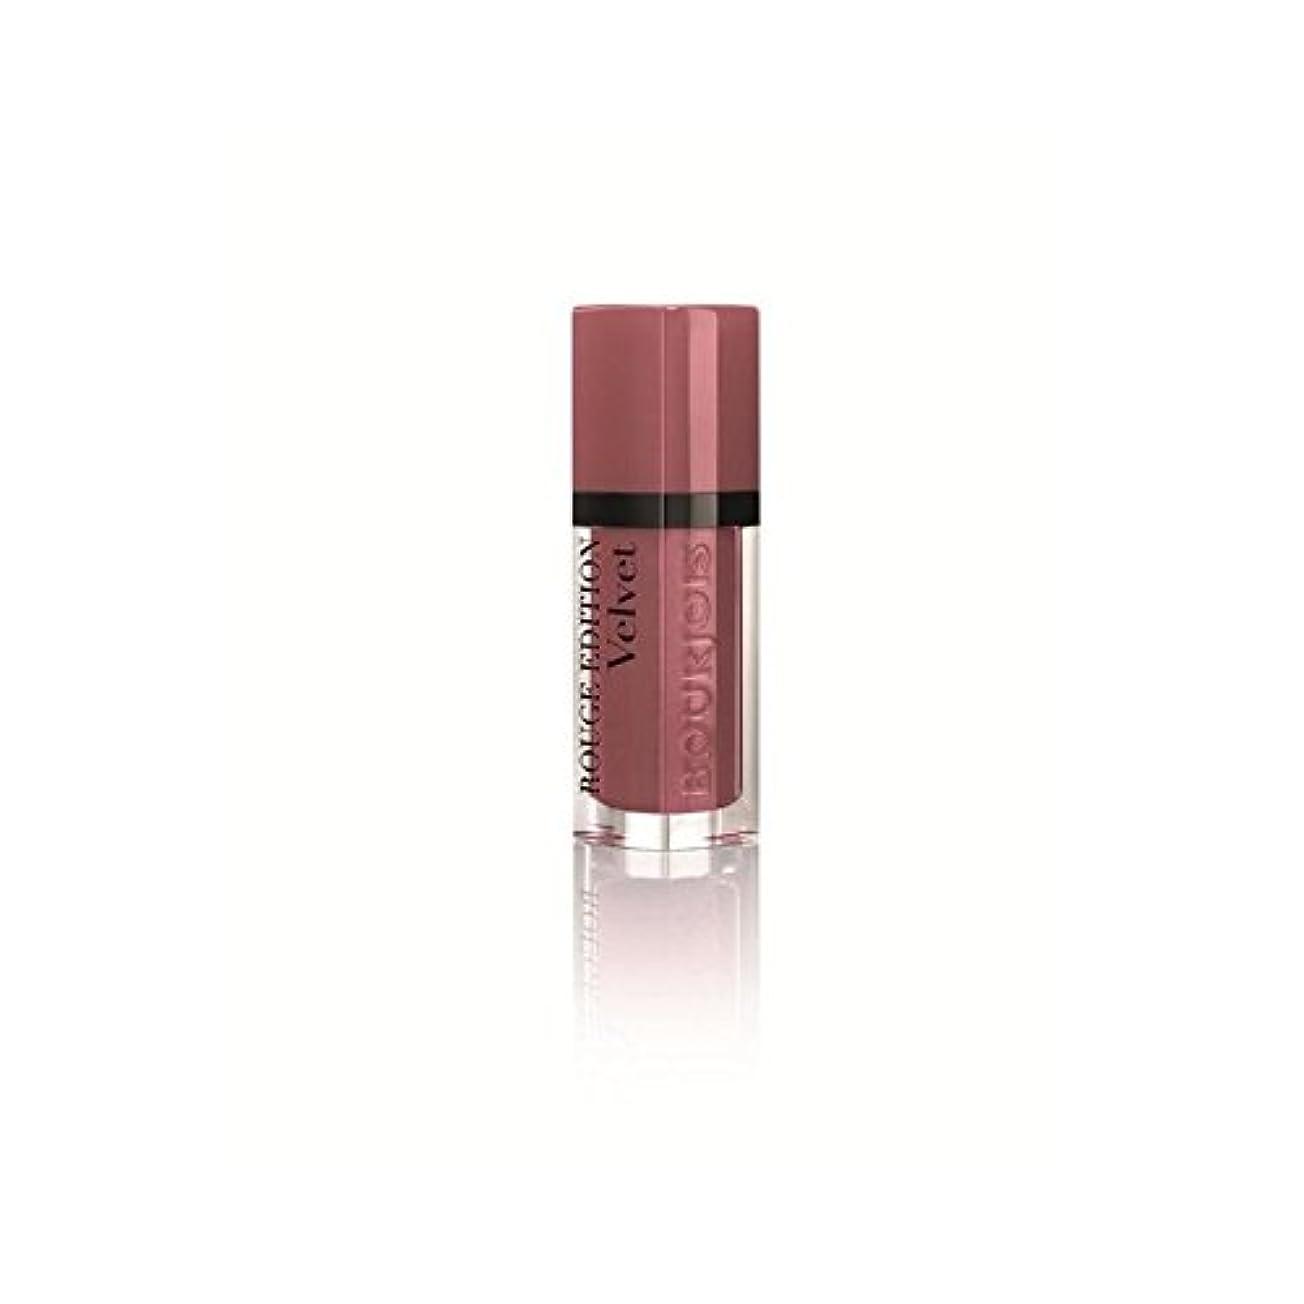 すばらしいですどんよりした利用可能ルージュ口紅、ベルベットヌード-Ist T07の6ミリリットル (Bourjois) (x 6) - Bourjois Rouge Lipstick, Velvet Nude-ist T07 6ml (Pack of 6) [並行輸入品]